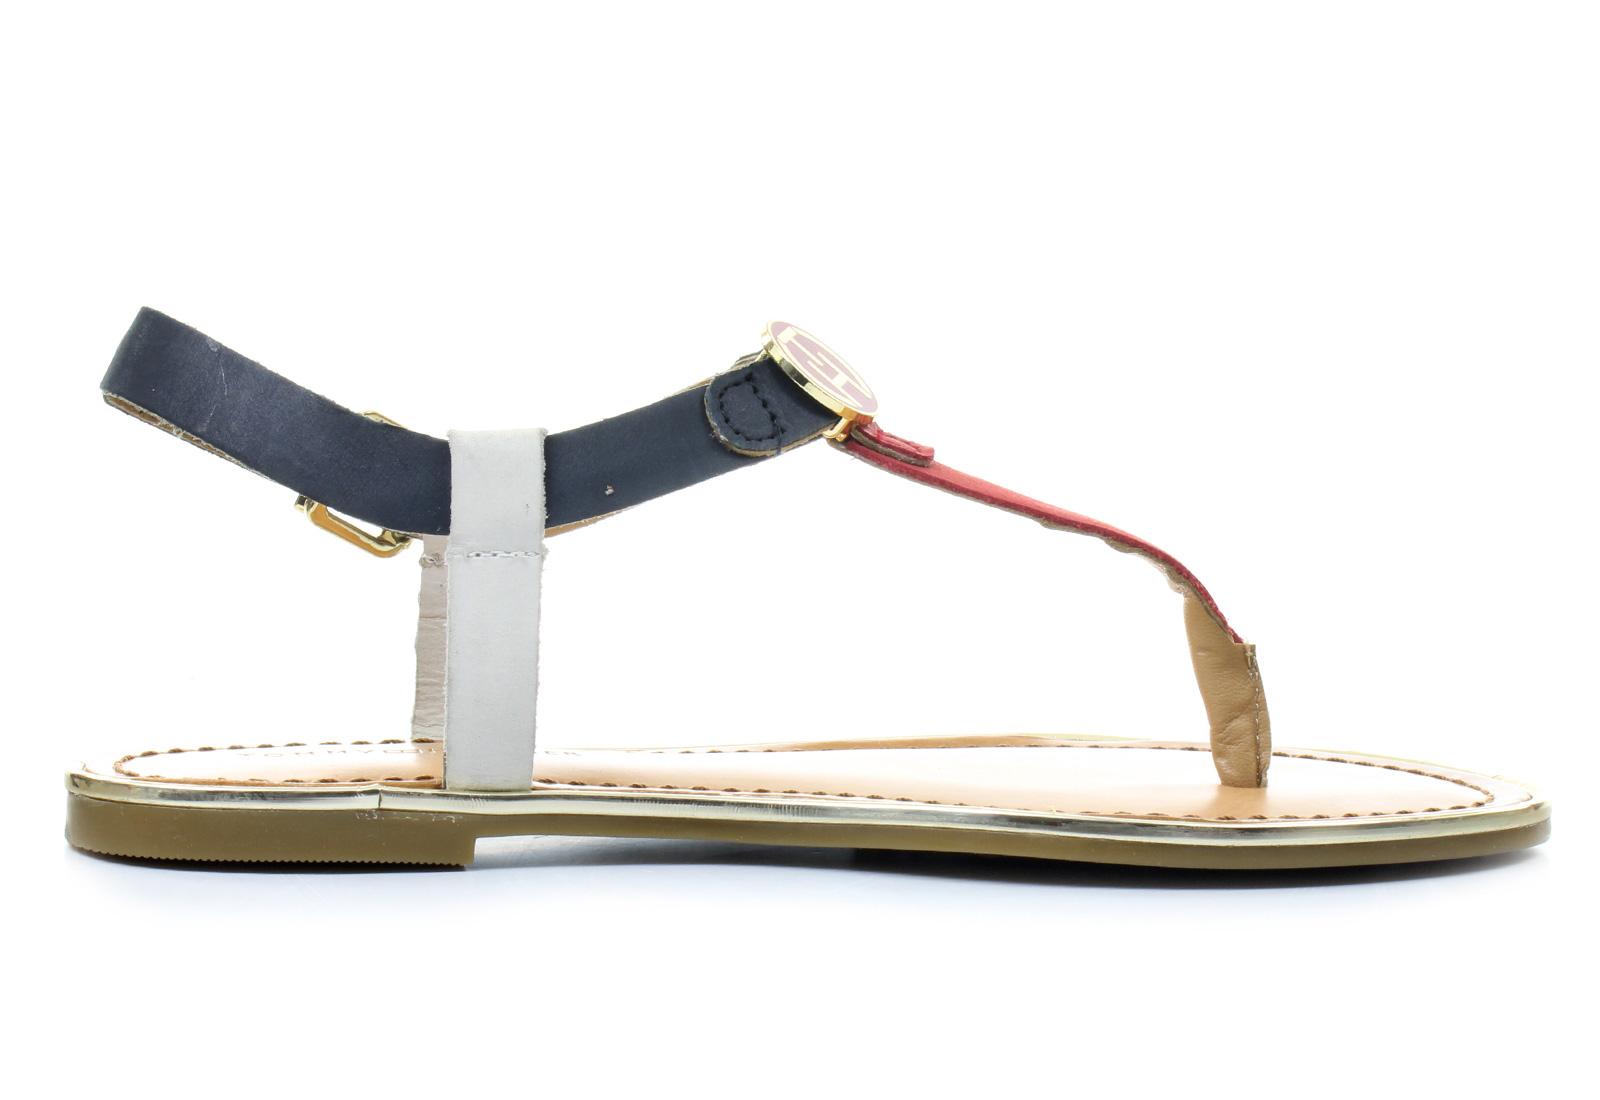 tommy hilfiger sandals julia 26a 15s 8685 910 online. Black Bedroom Furniture Sets. Home Design Ideas